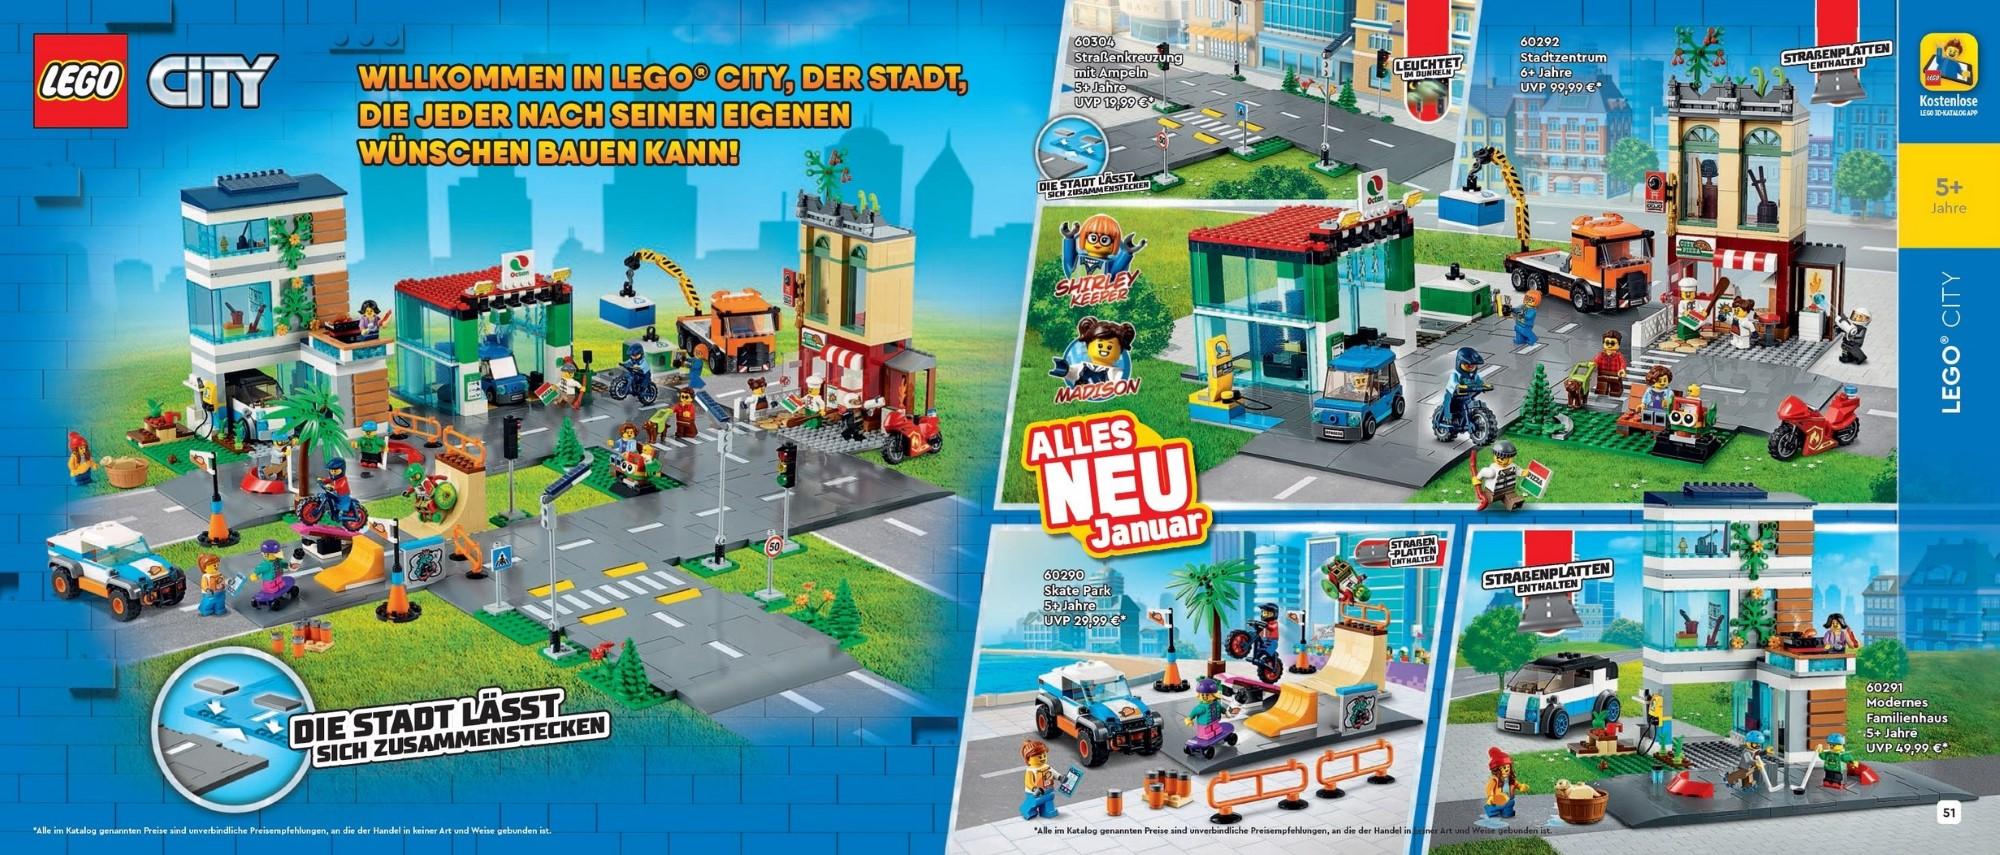 LEGO Katalog De 1hj 2021 Doppelseite City